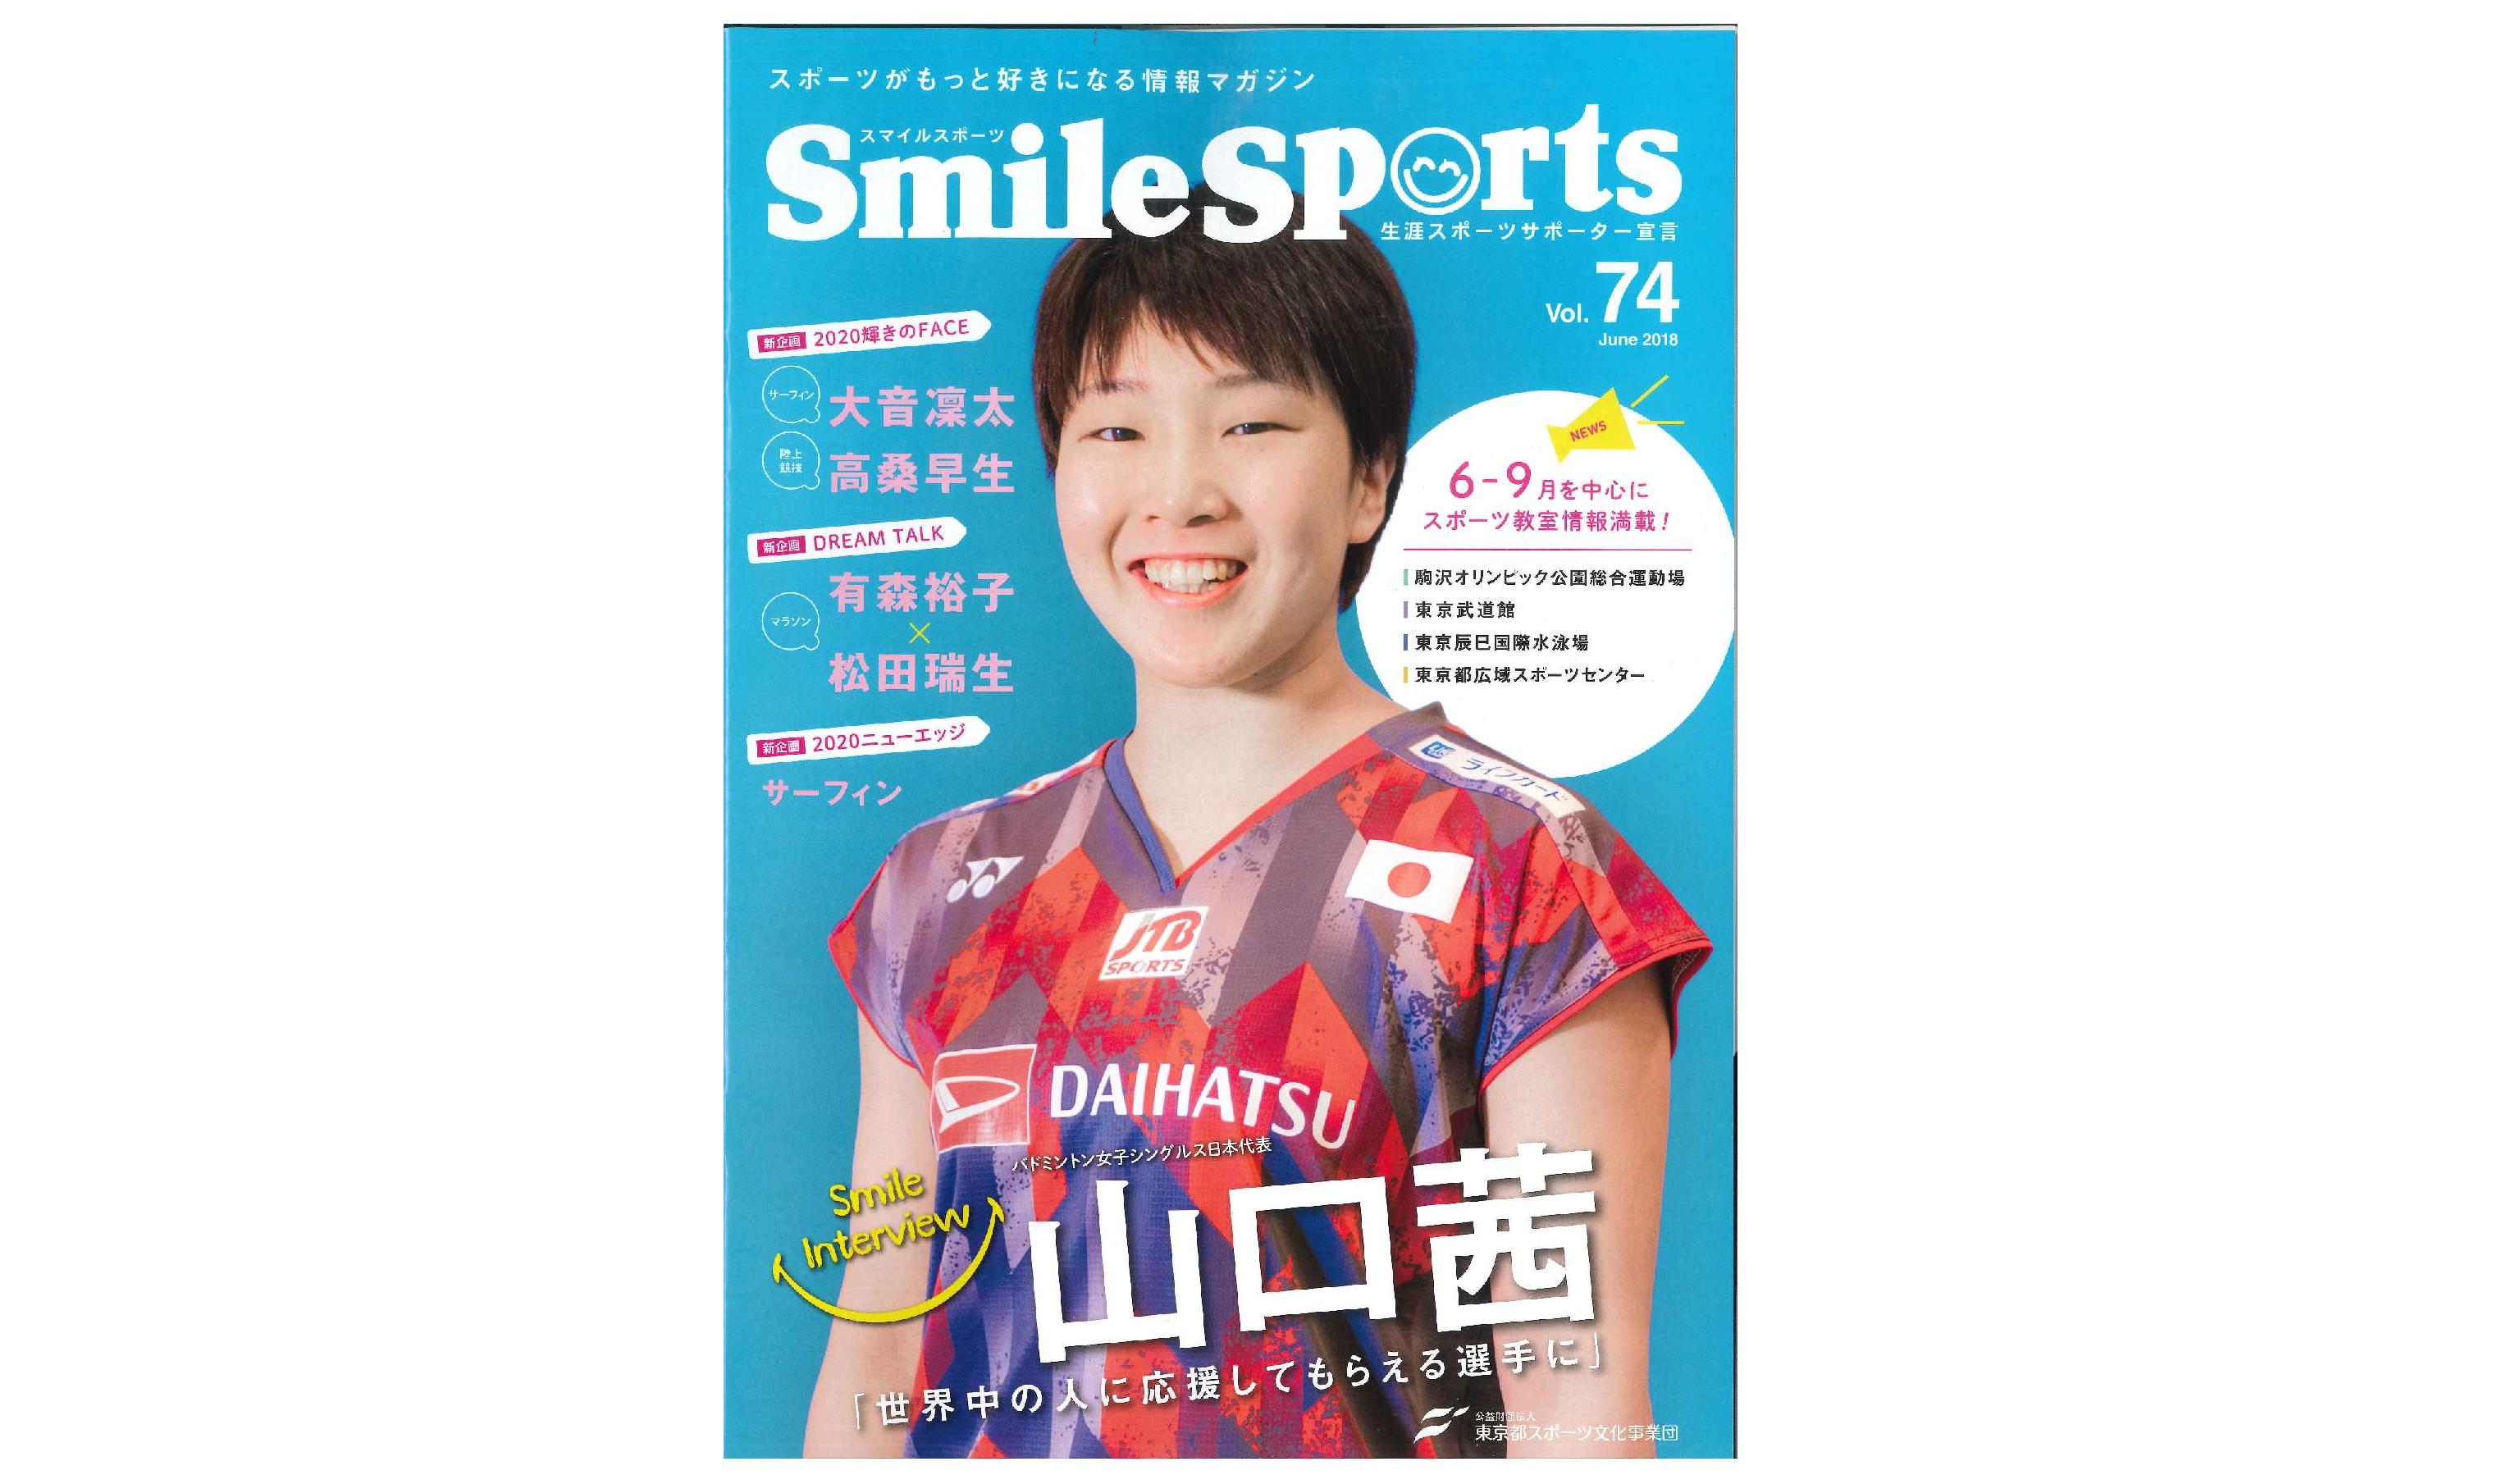 Smile Sports Vol.74 レシピコーナーを監修しました